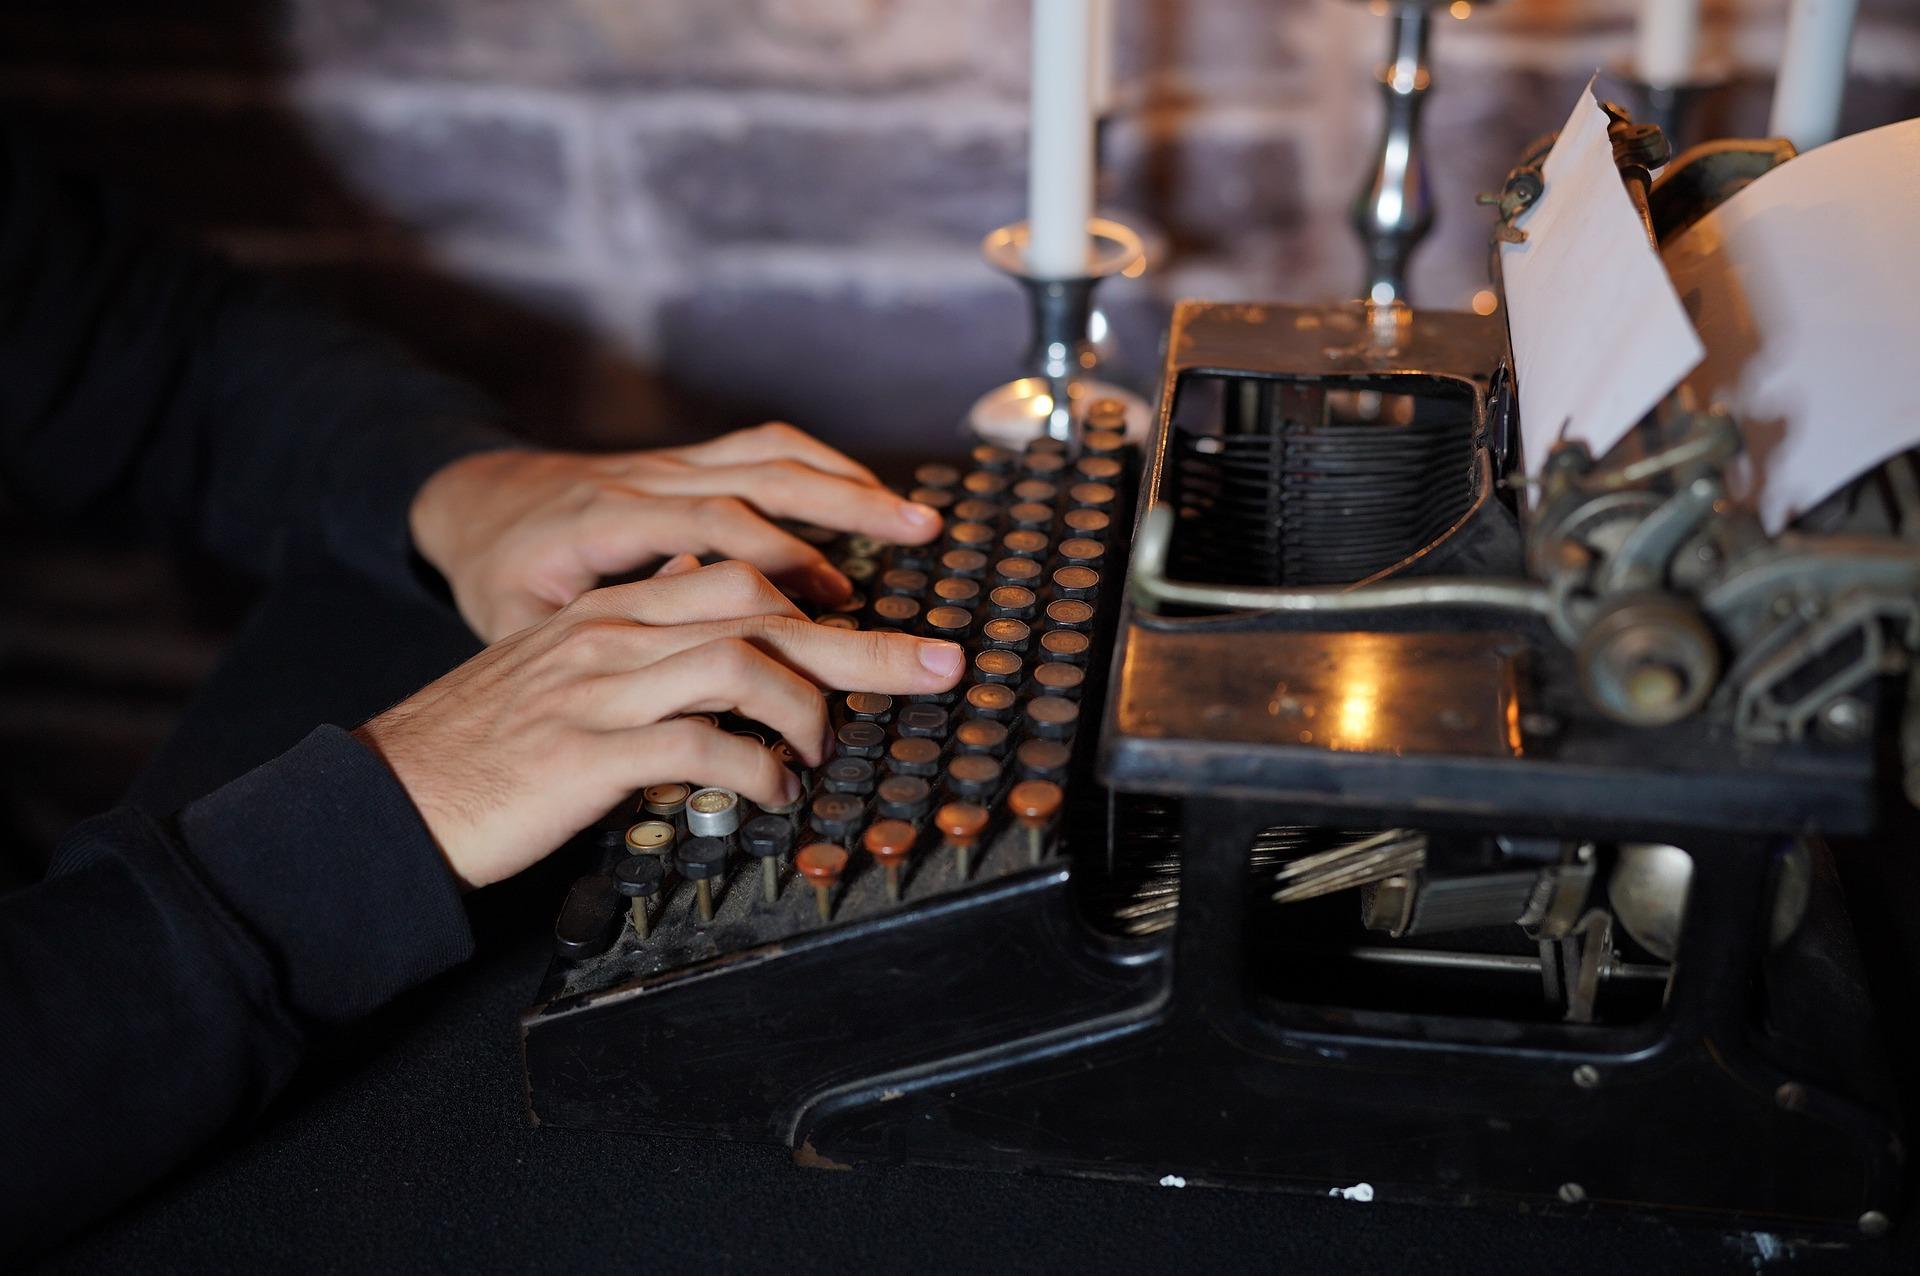 typewriter-2900330_1920